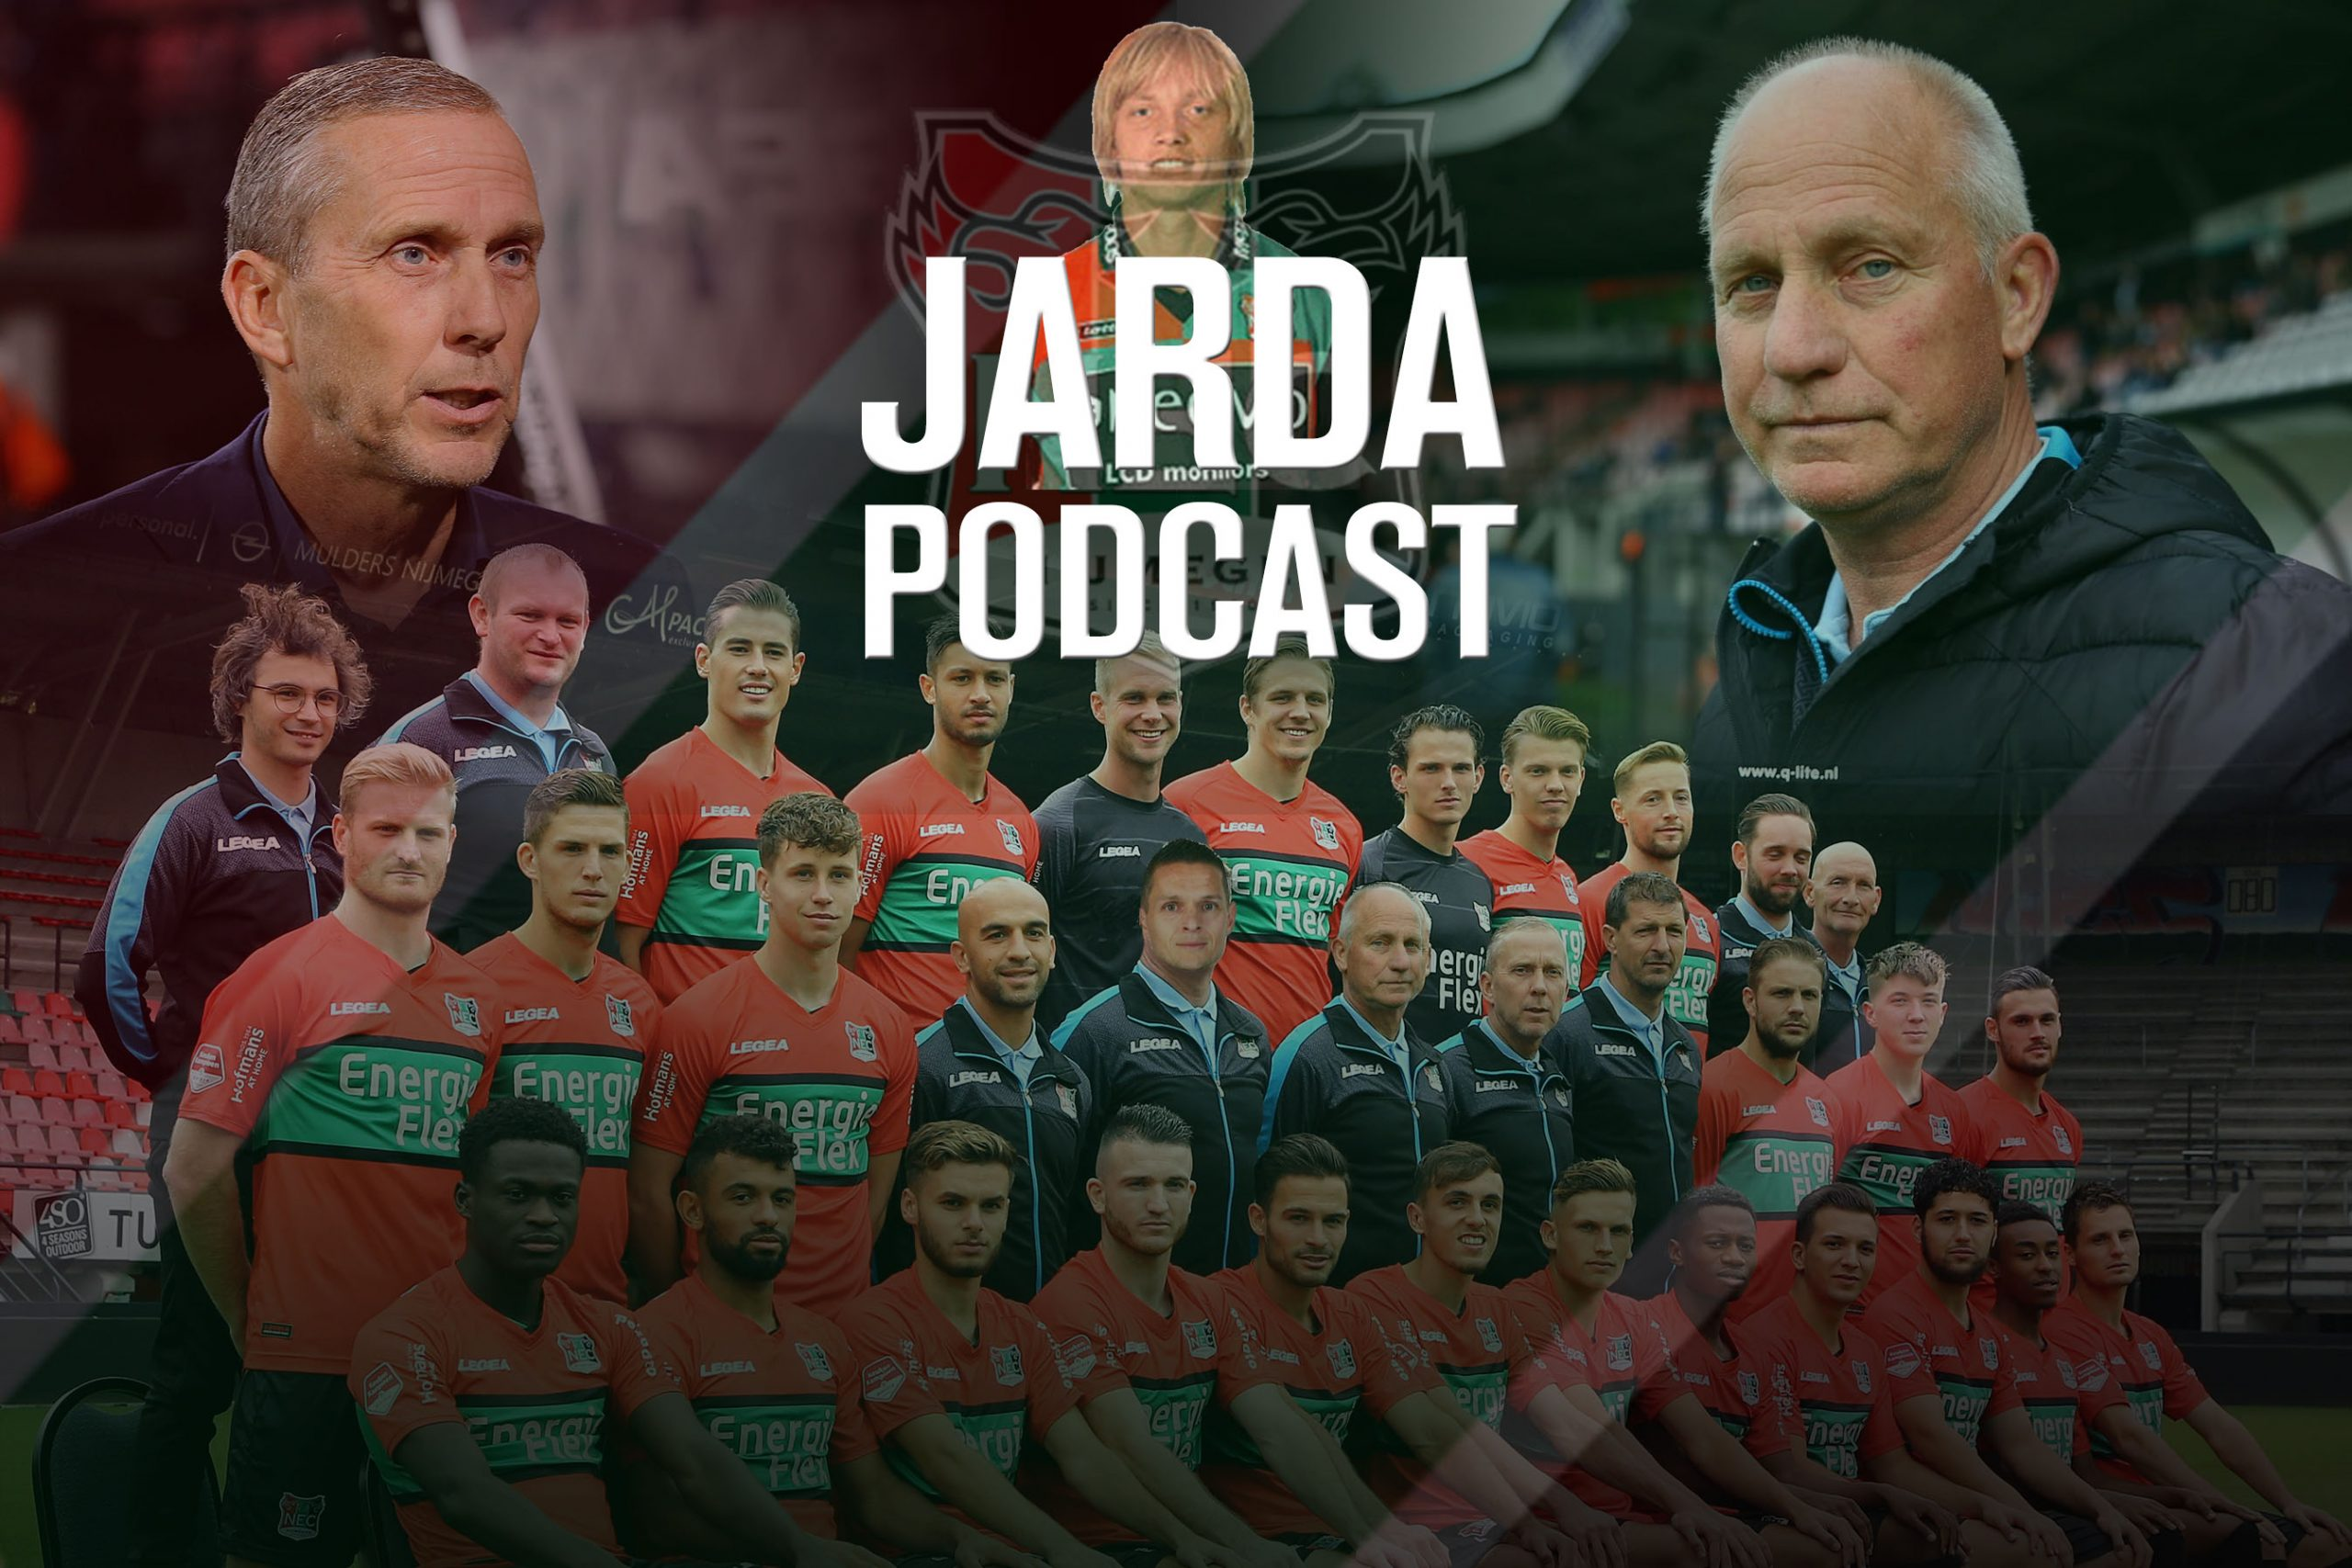 Jarda Podcast #10: Kritisch op trainerskeuze NEC en bezem door selectie